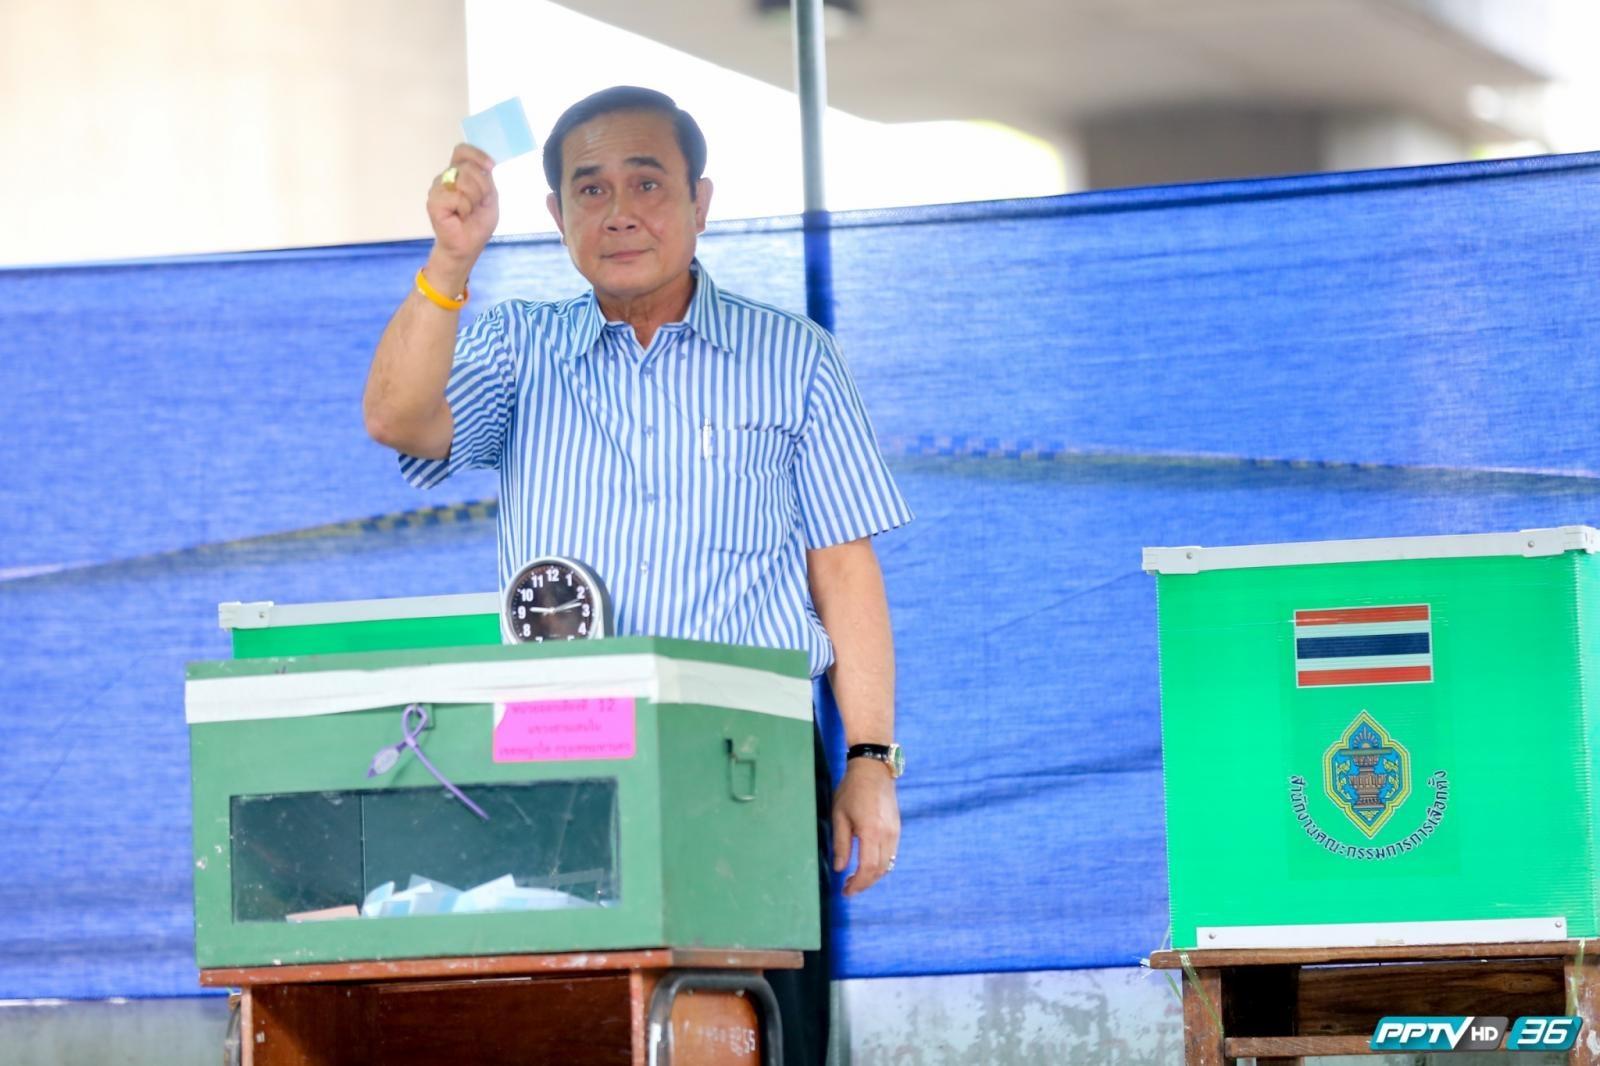 นายกฯ ชวนคนไทยลงประชามติกำหนดอนาคตประเทศ (คลิป)